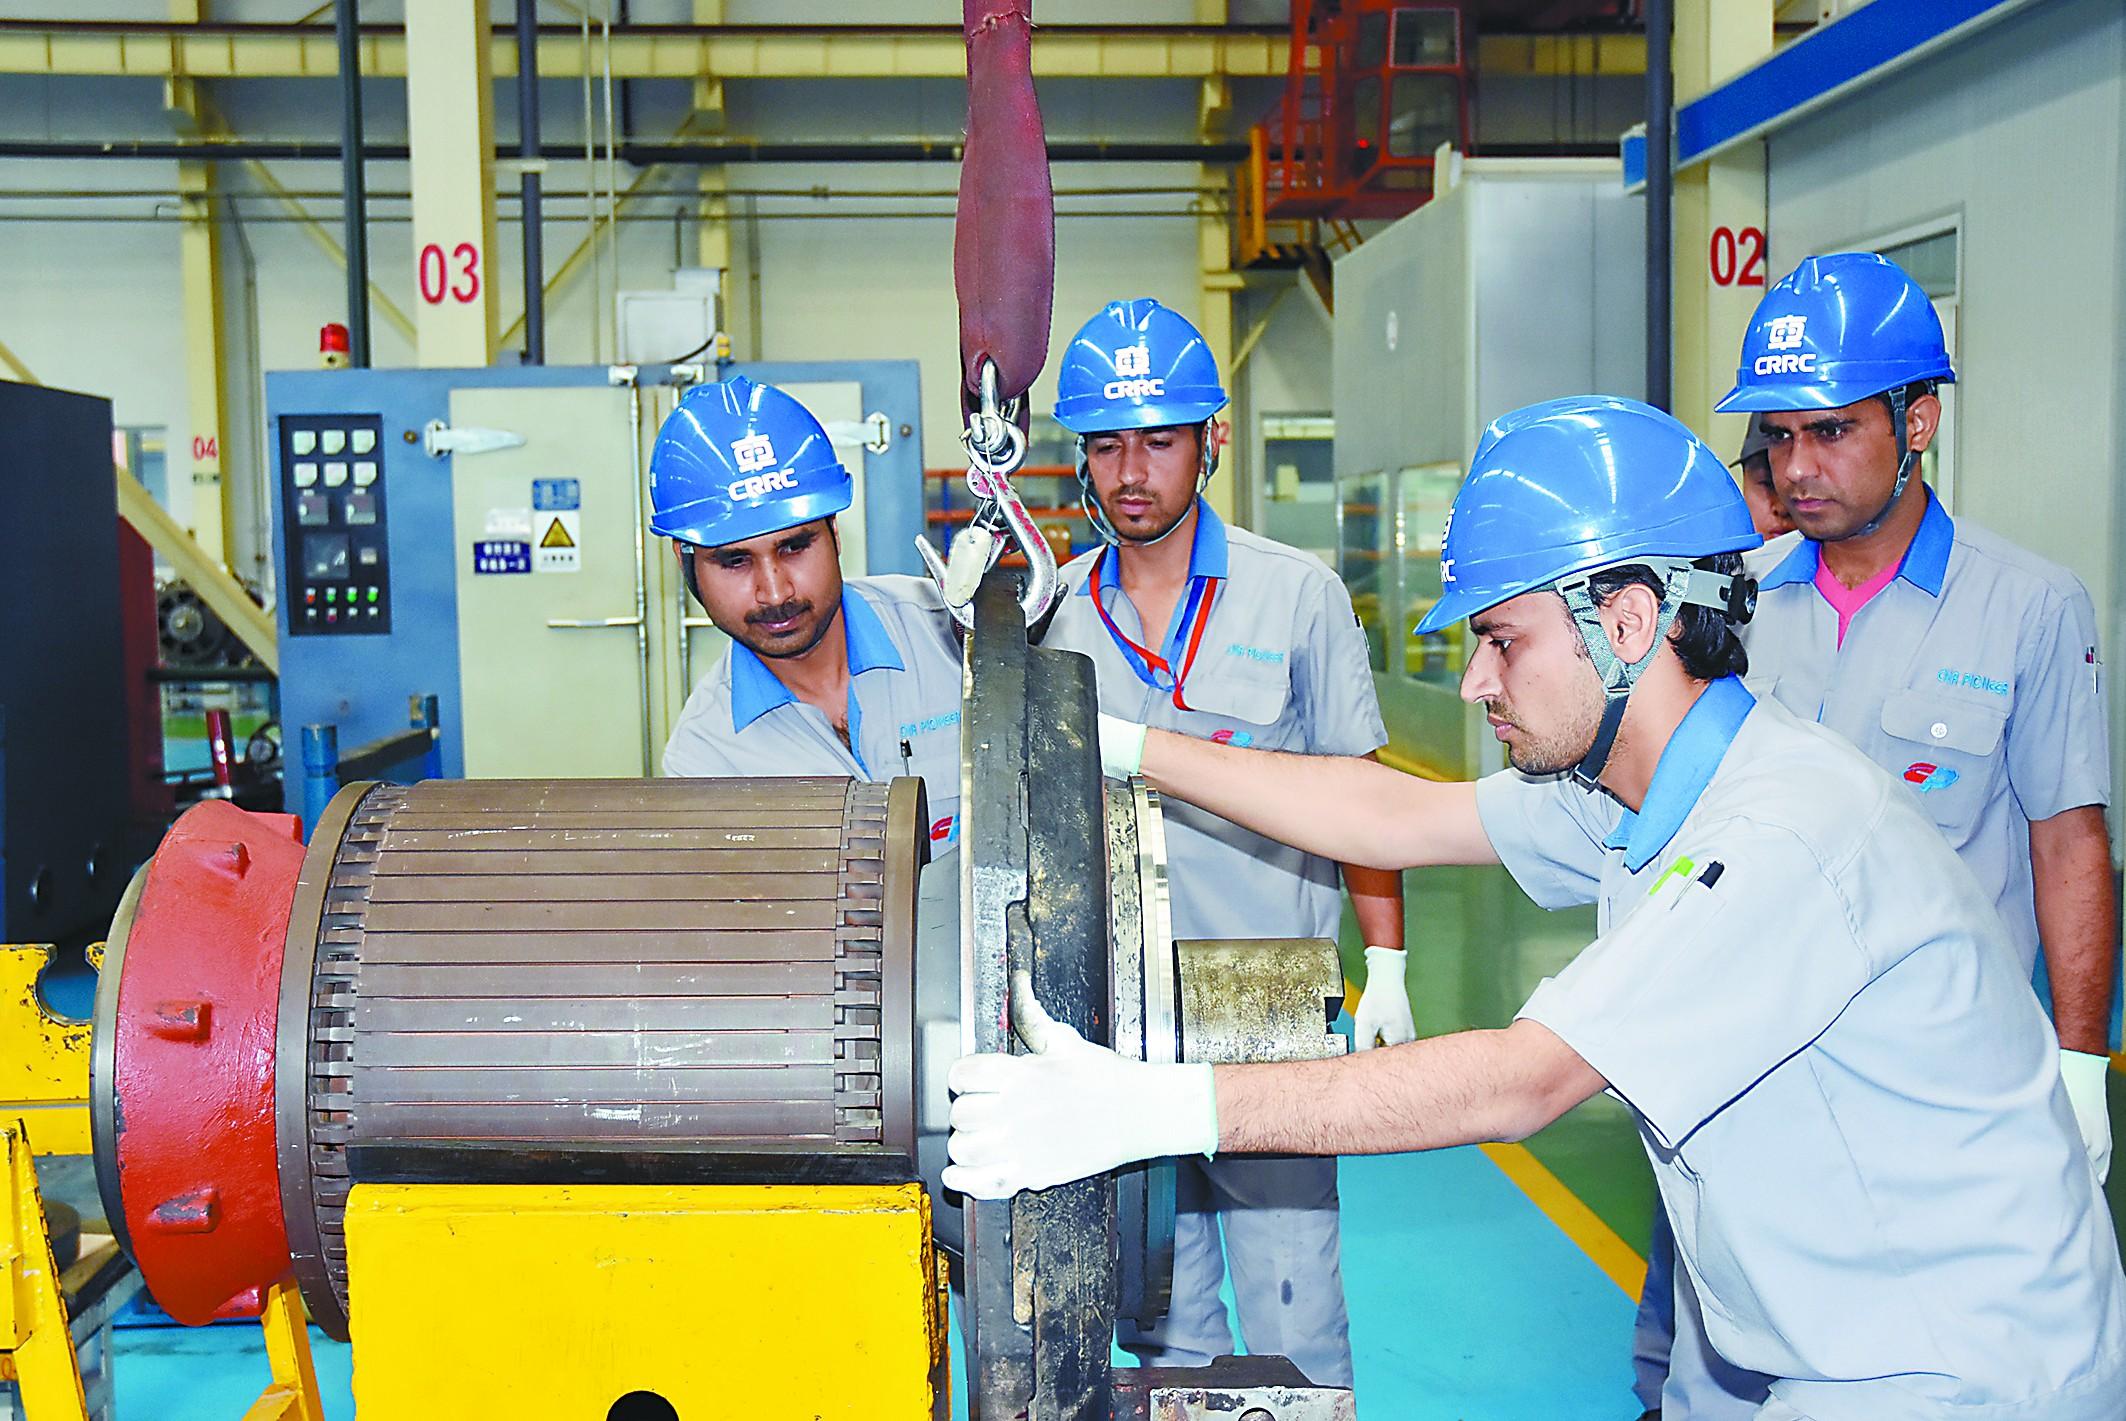 中国制造如何竞逐印度铁路市场